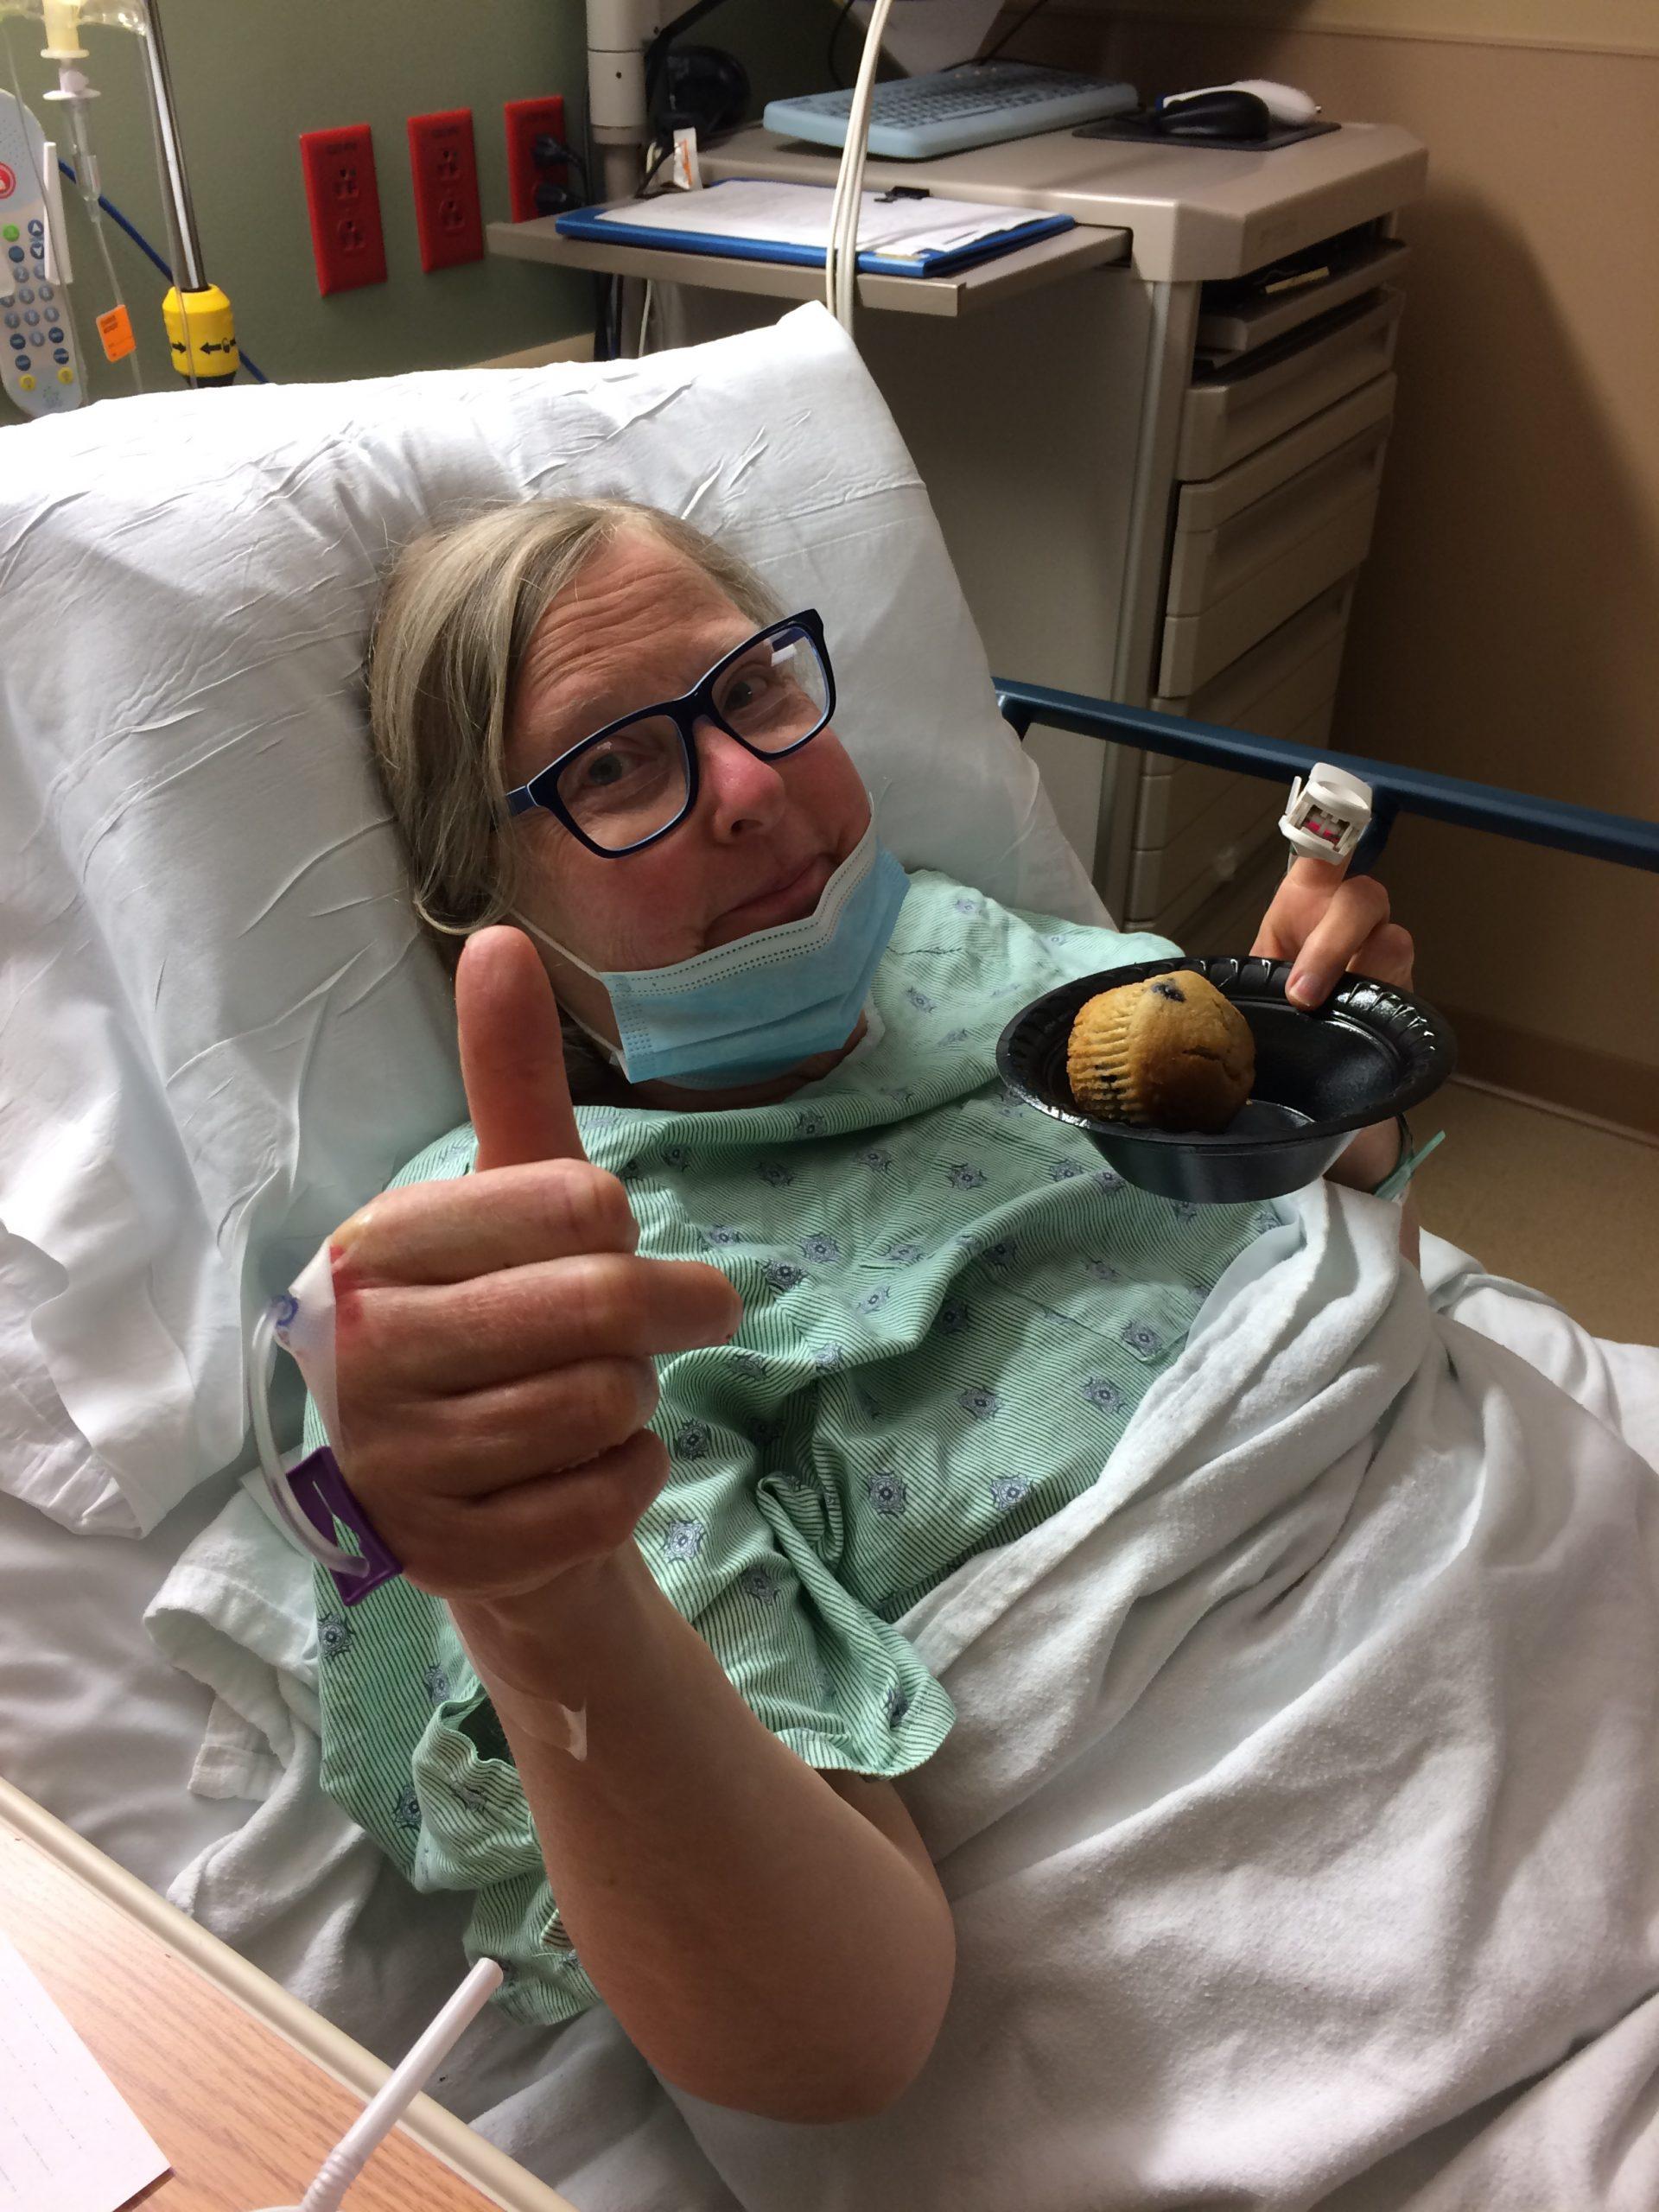 Colonoscopy Room: Ms. Bear Says: Get Your Colonoscopy!